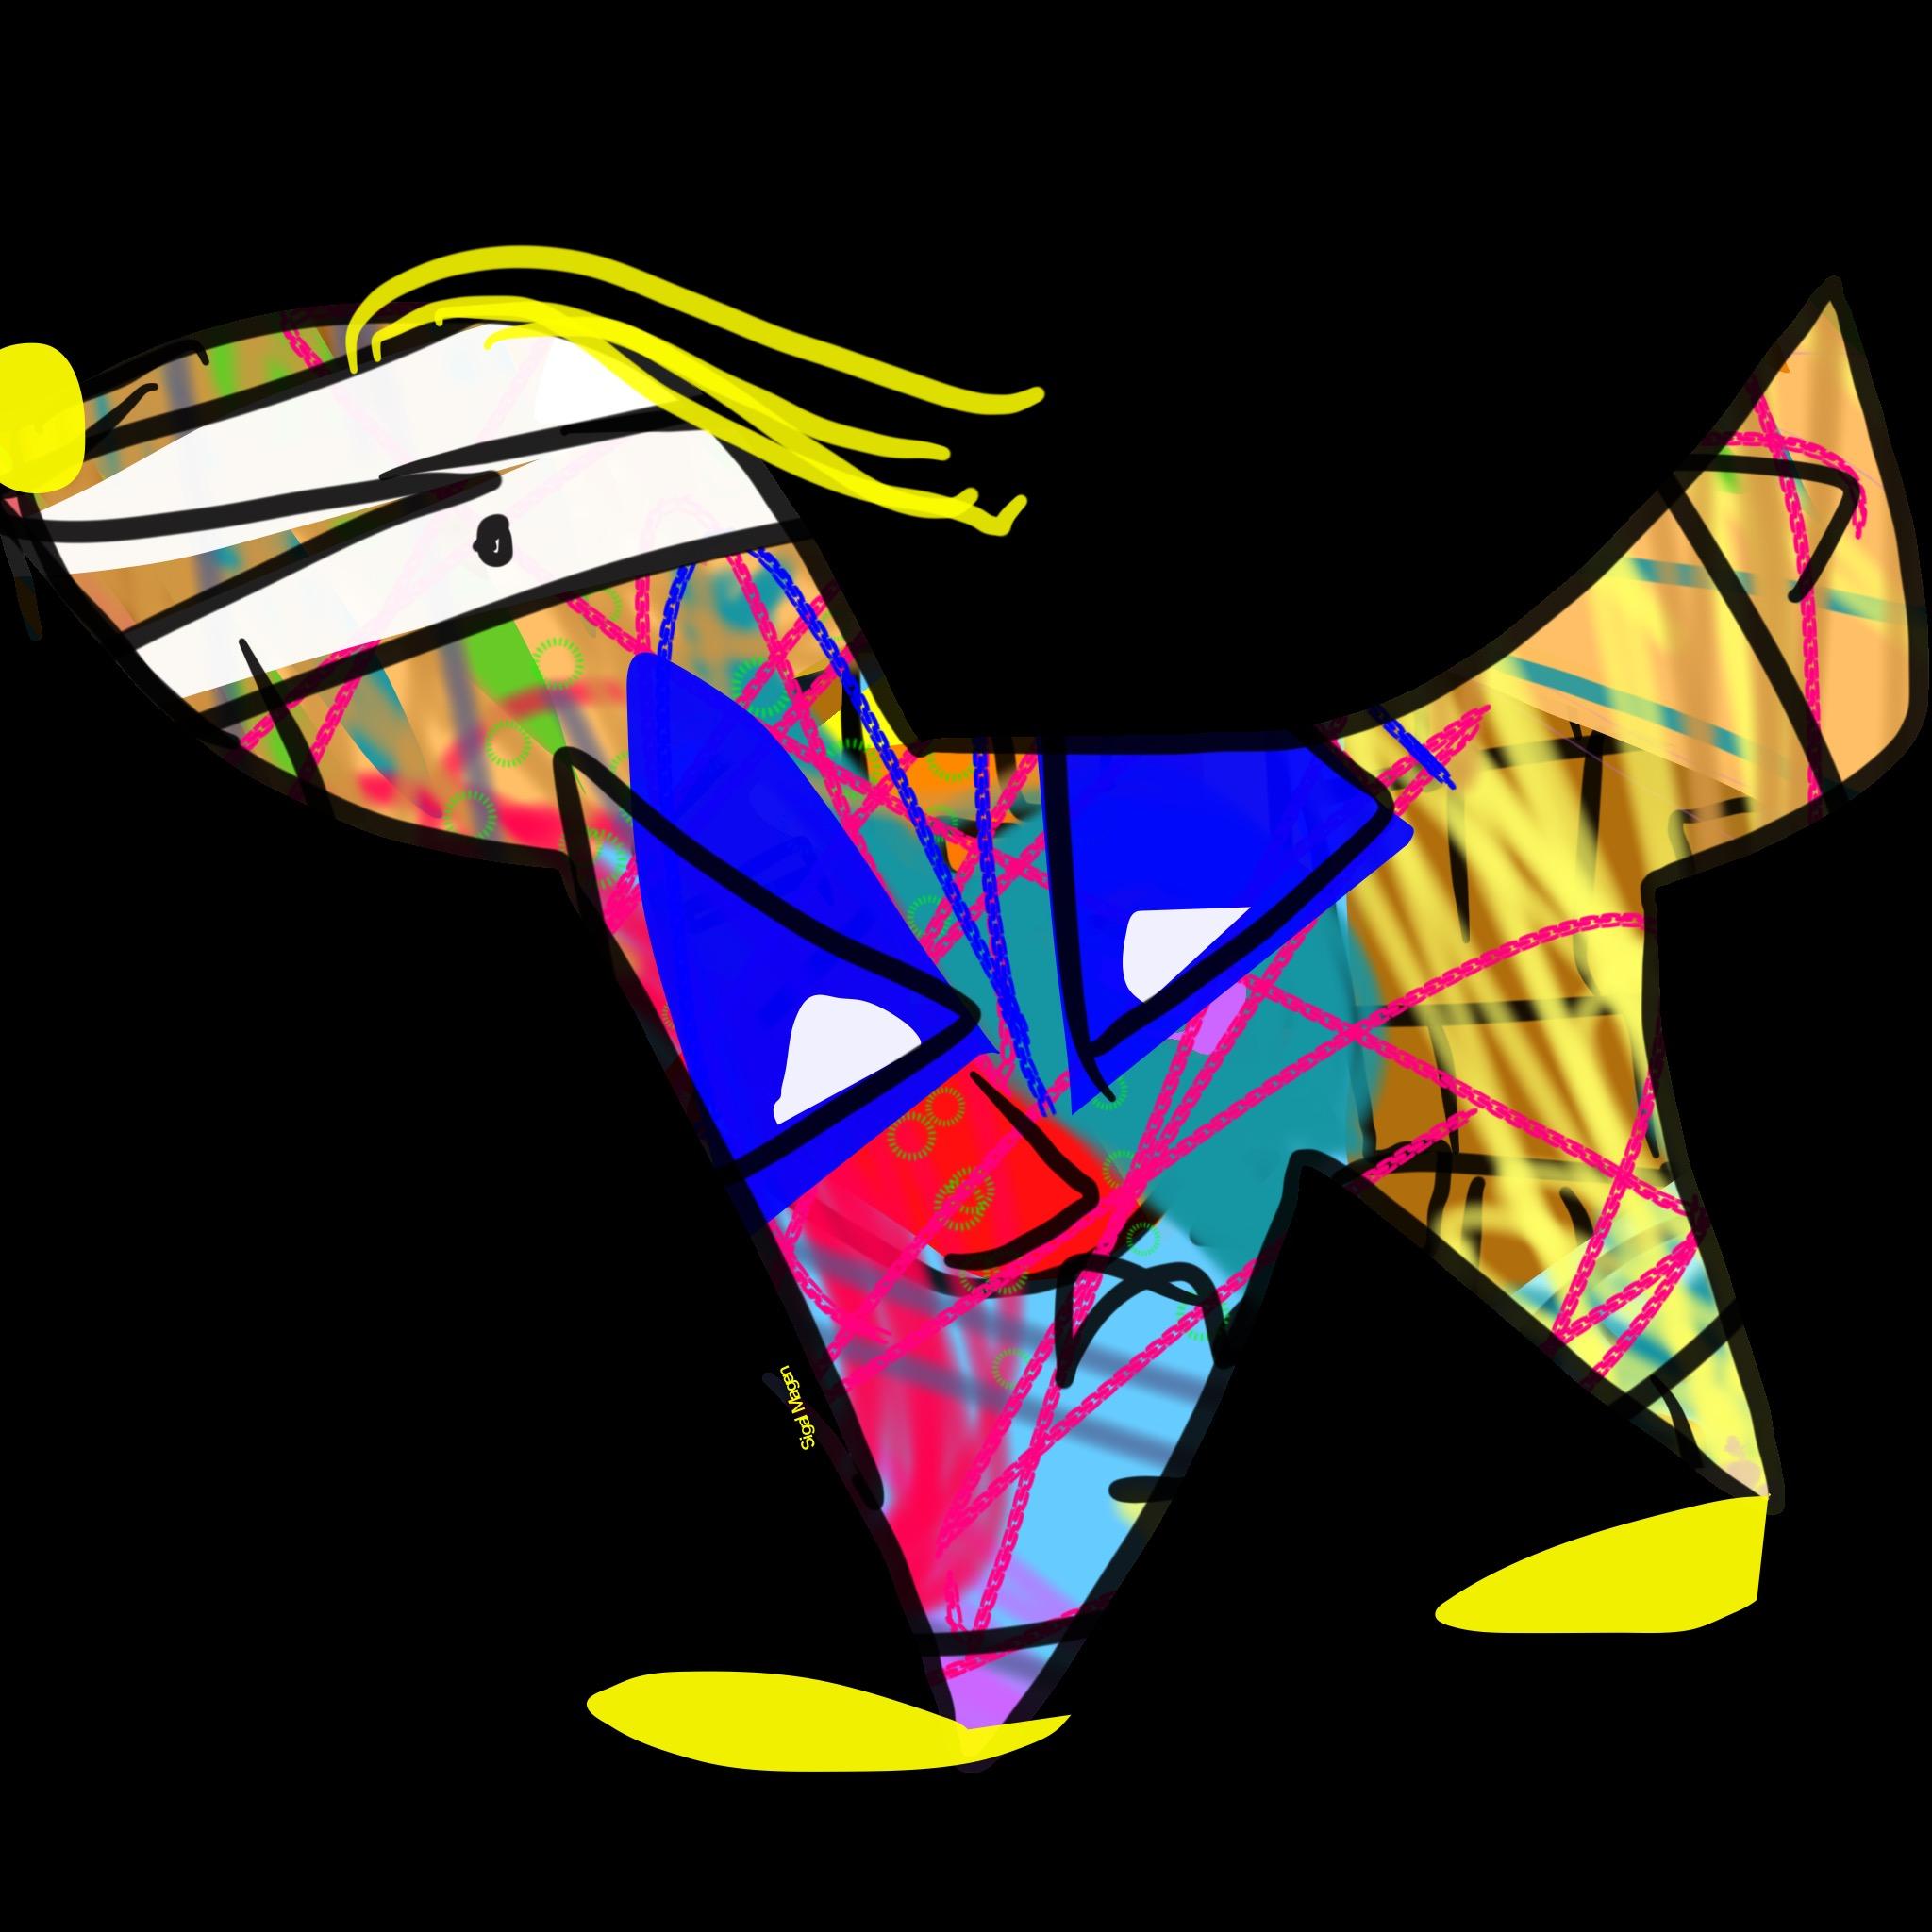 חברים by Sigal Magen - Illustrated by סיגל מגן - Ourboox.com